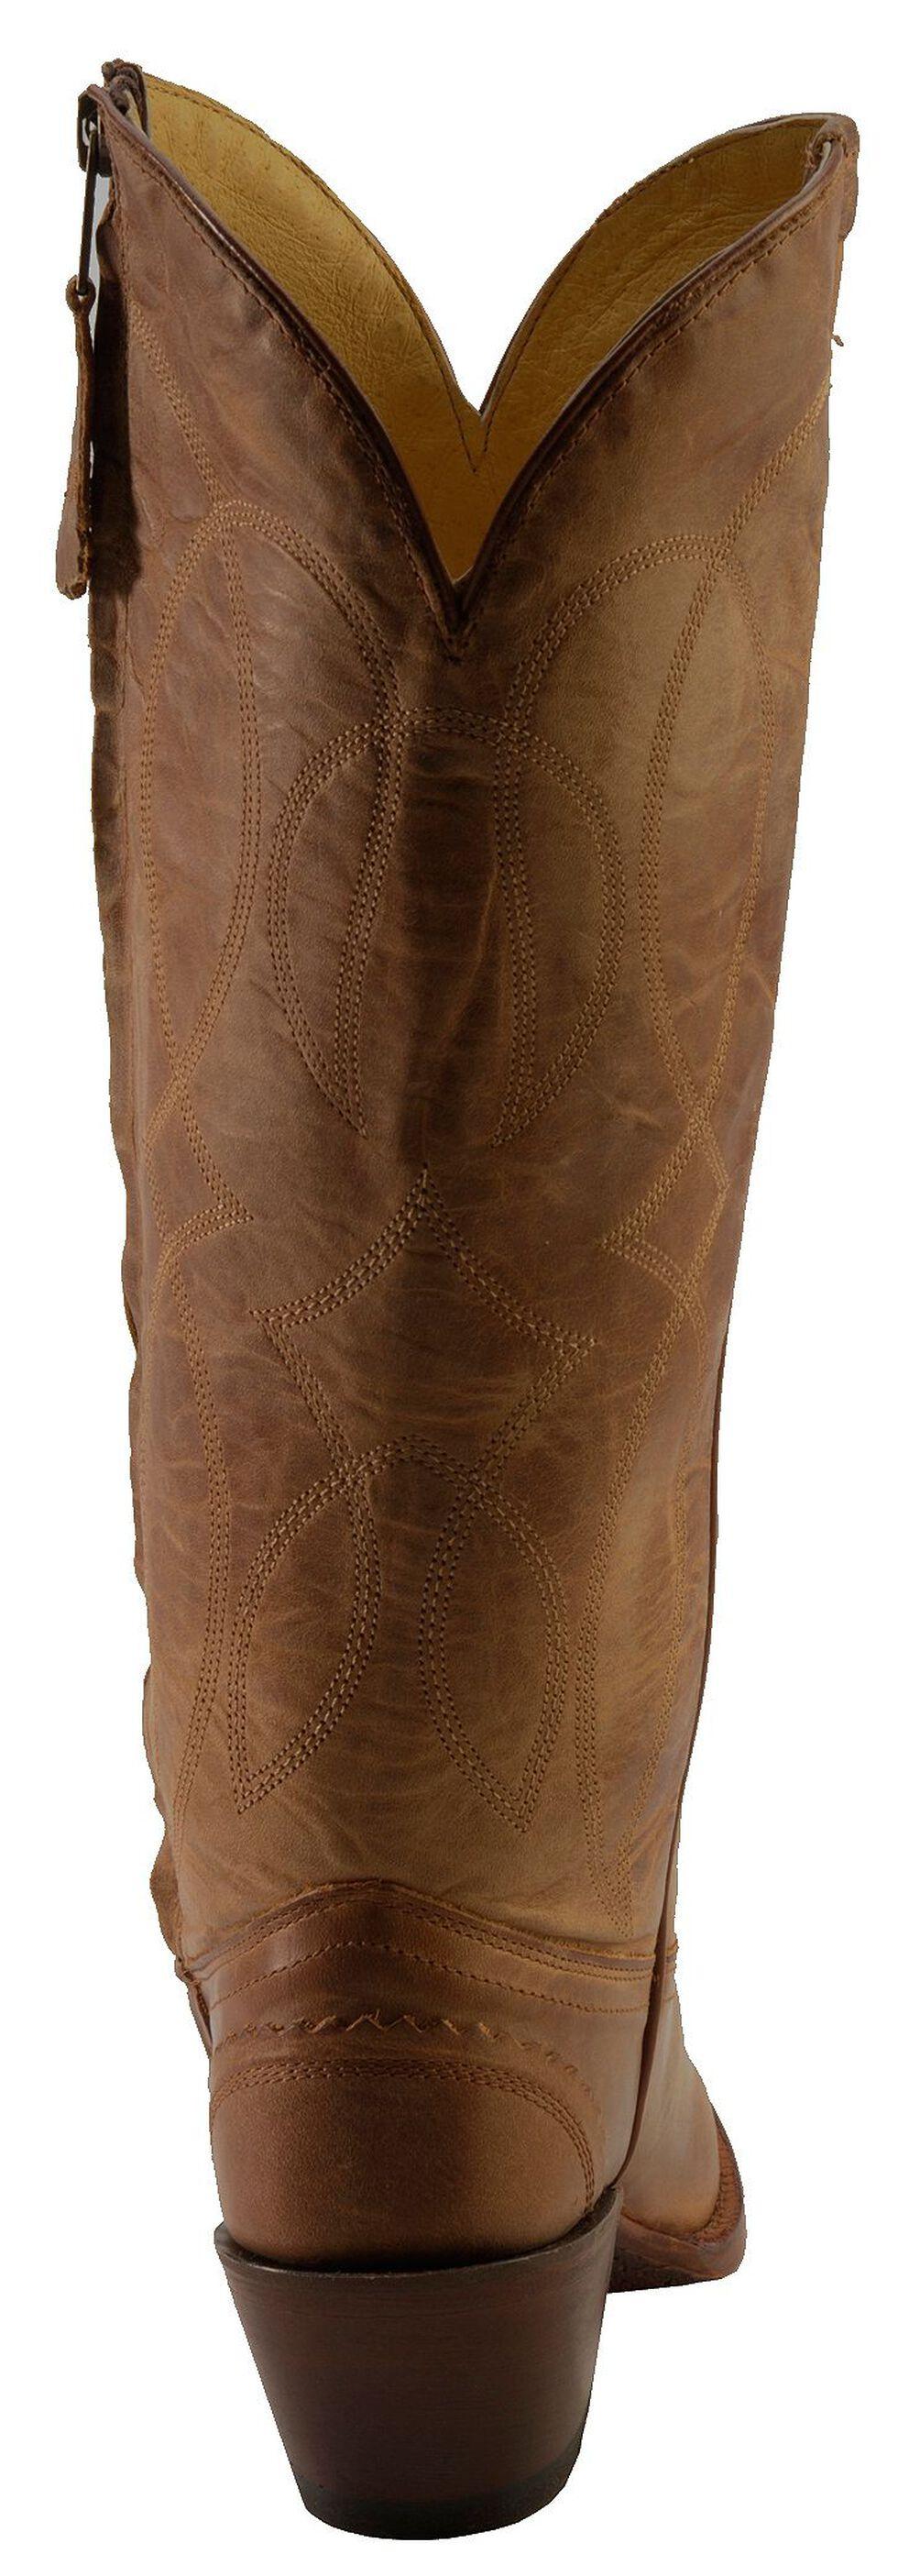 Tony Lama 100% Vaquero Latigo Tucson Zipper Cowgirl Boots - Snip Toe, Tan, hi-res